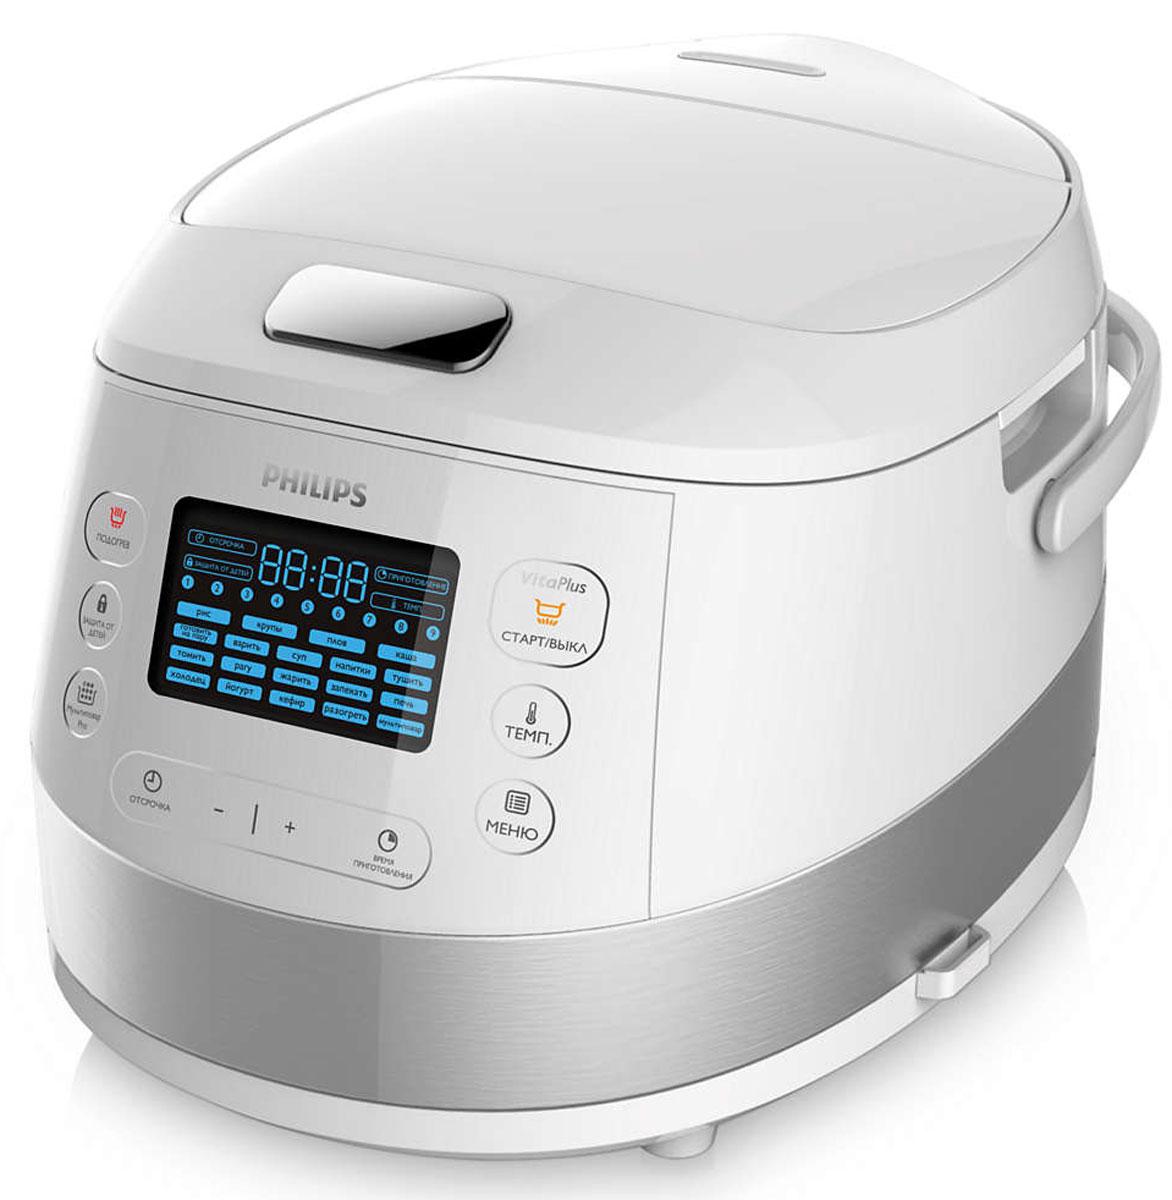 Мультиварка Philips HD4731/03, Silver цена